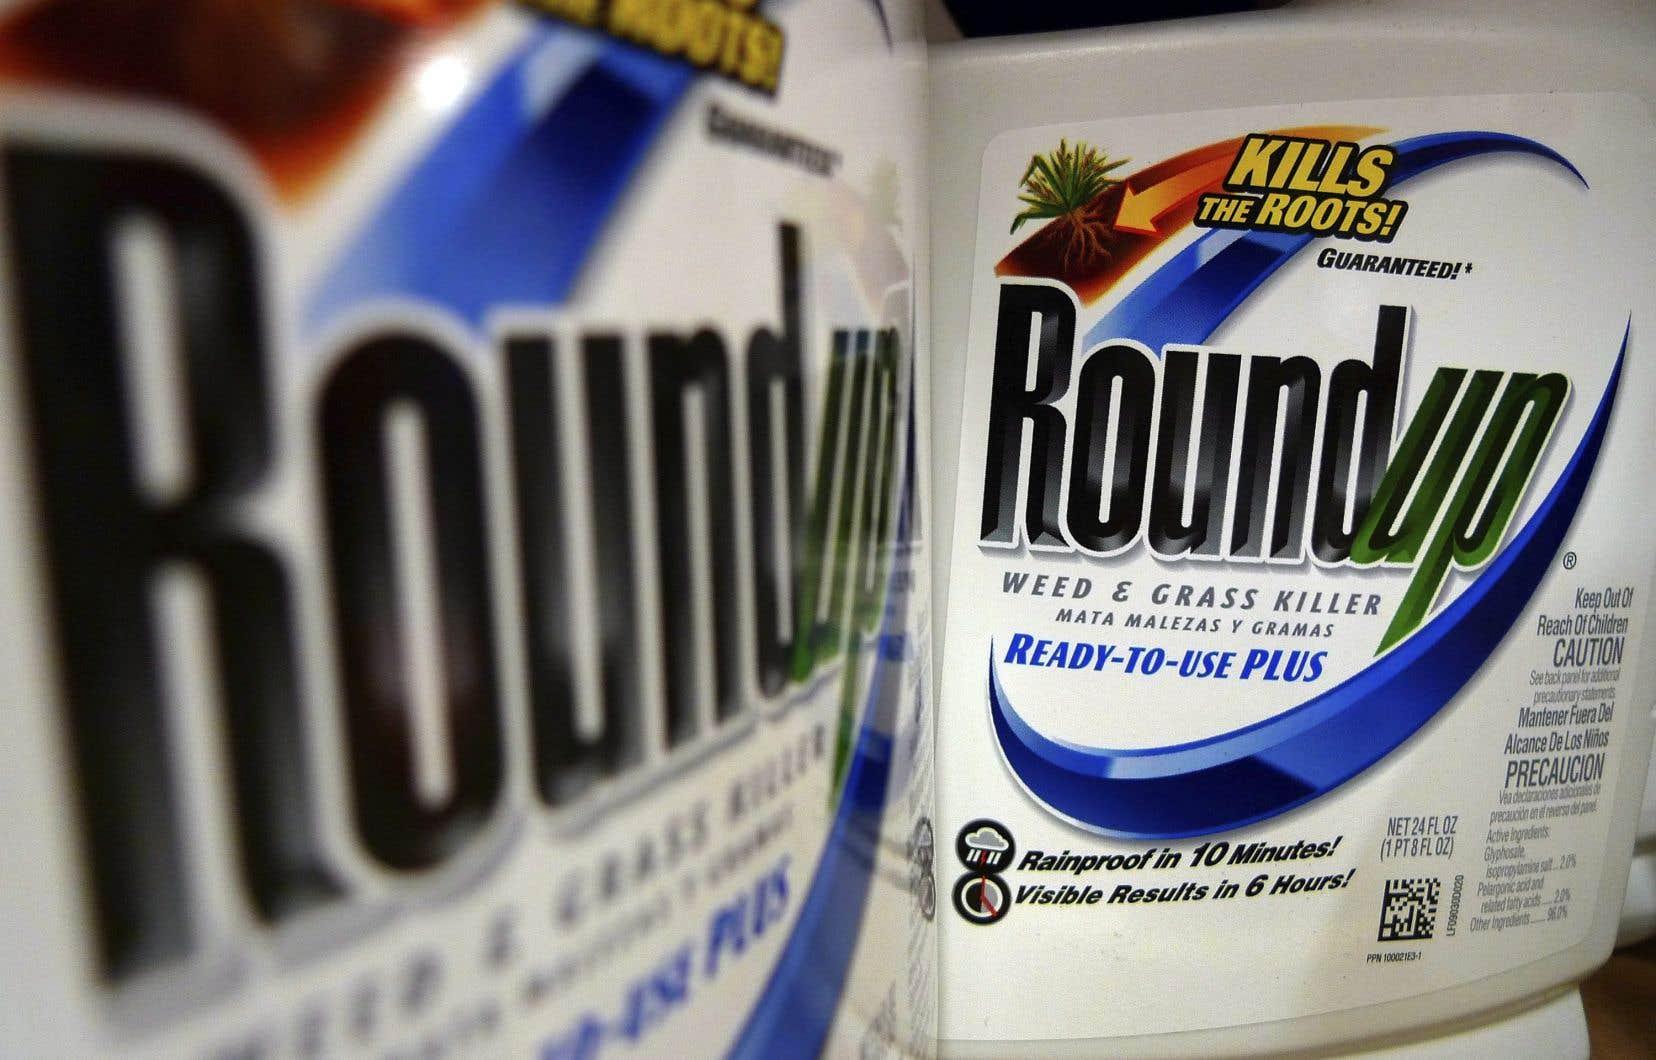 Les deux plaigants sont atteints d'un cancer qu'ils attribuent au Roundup.